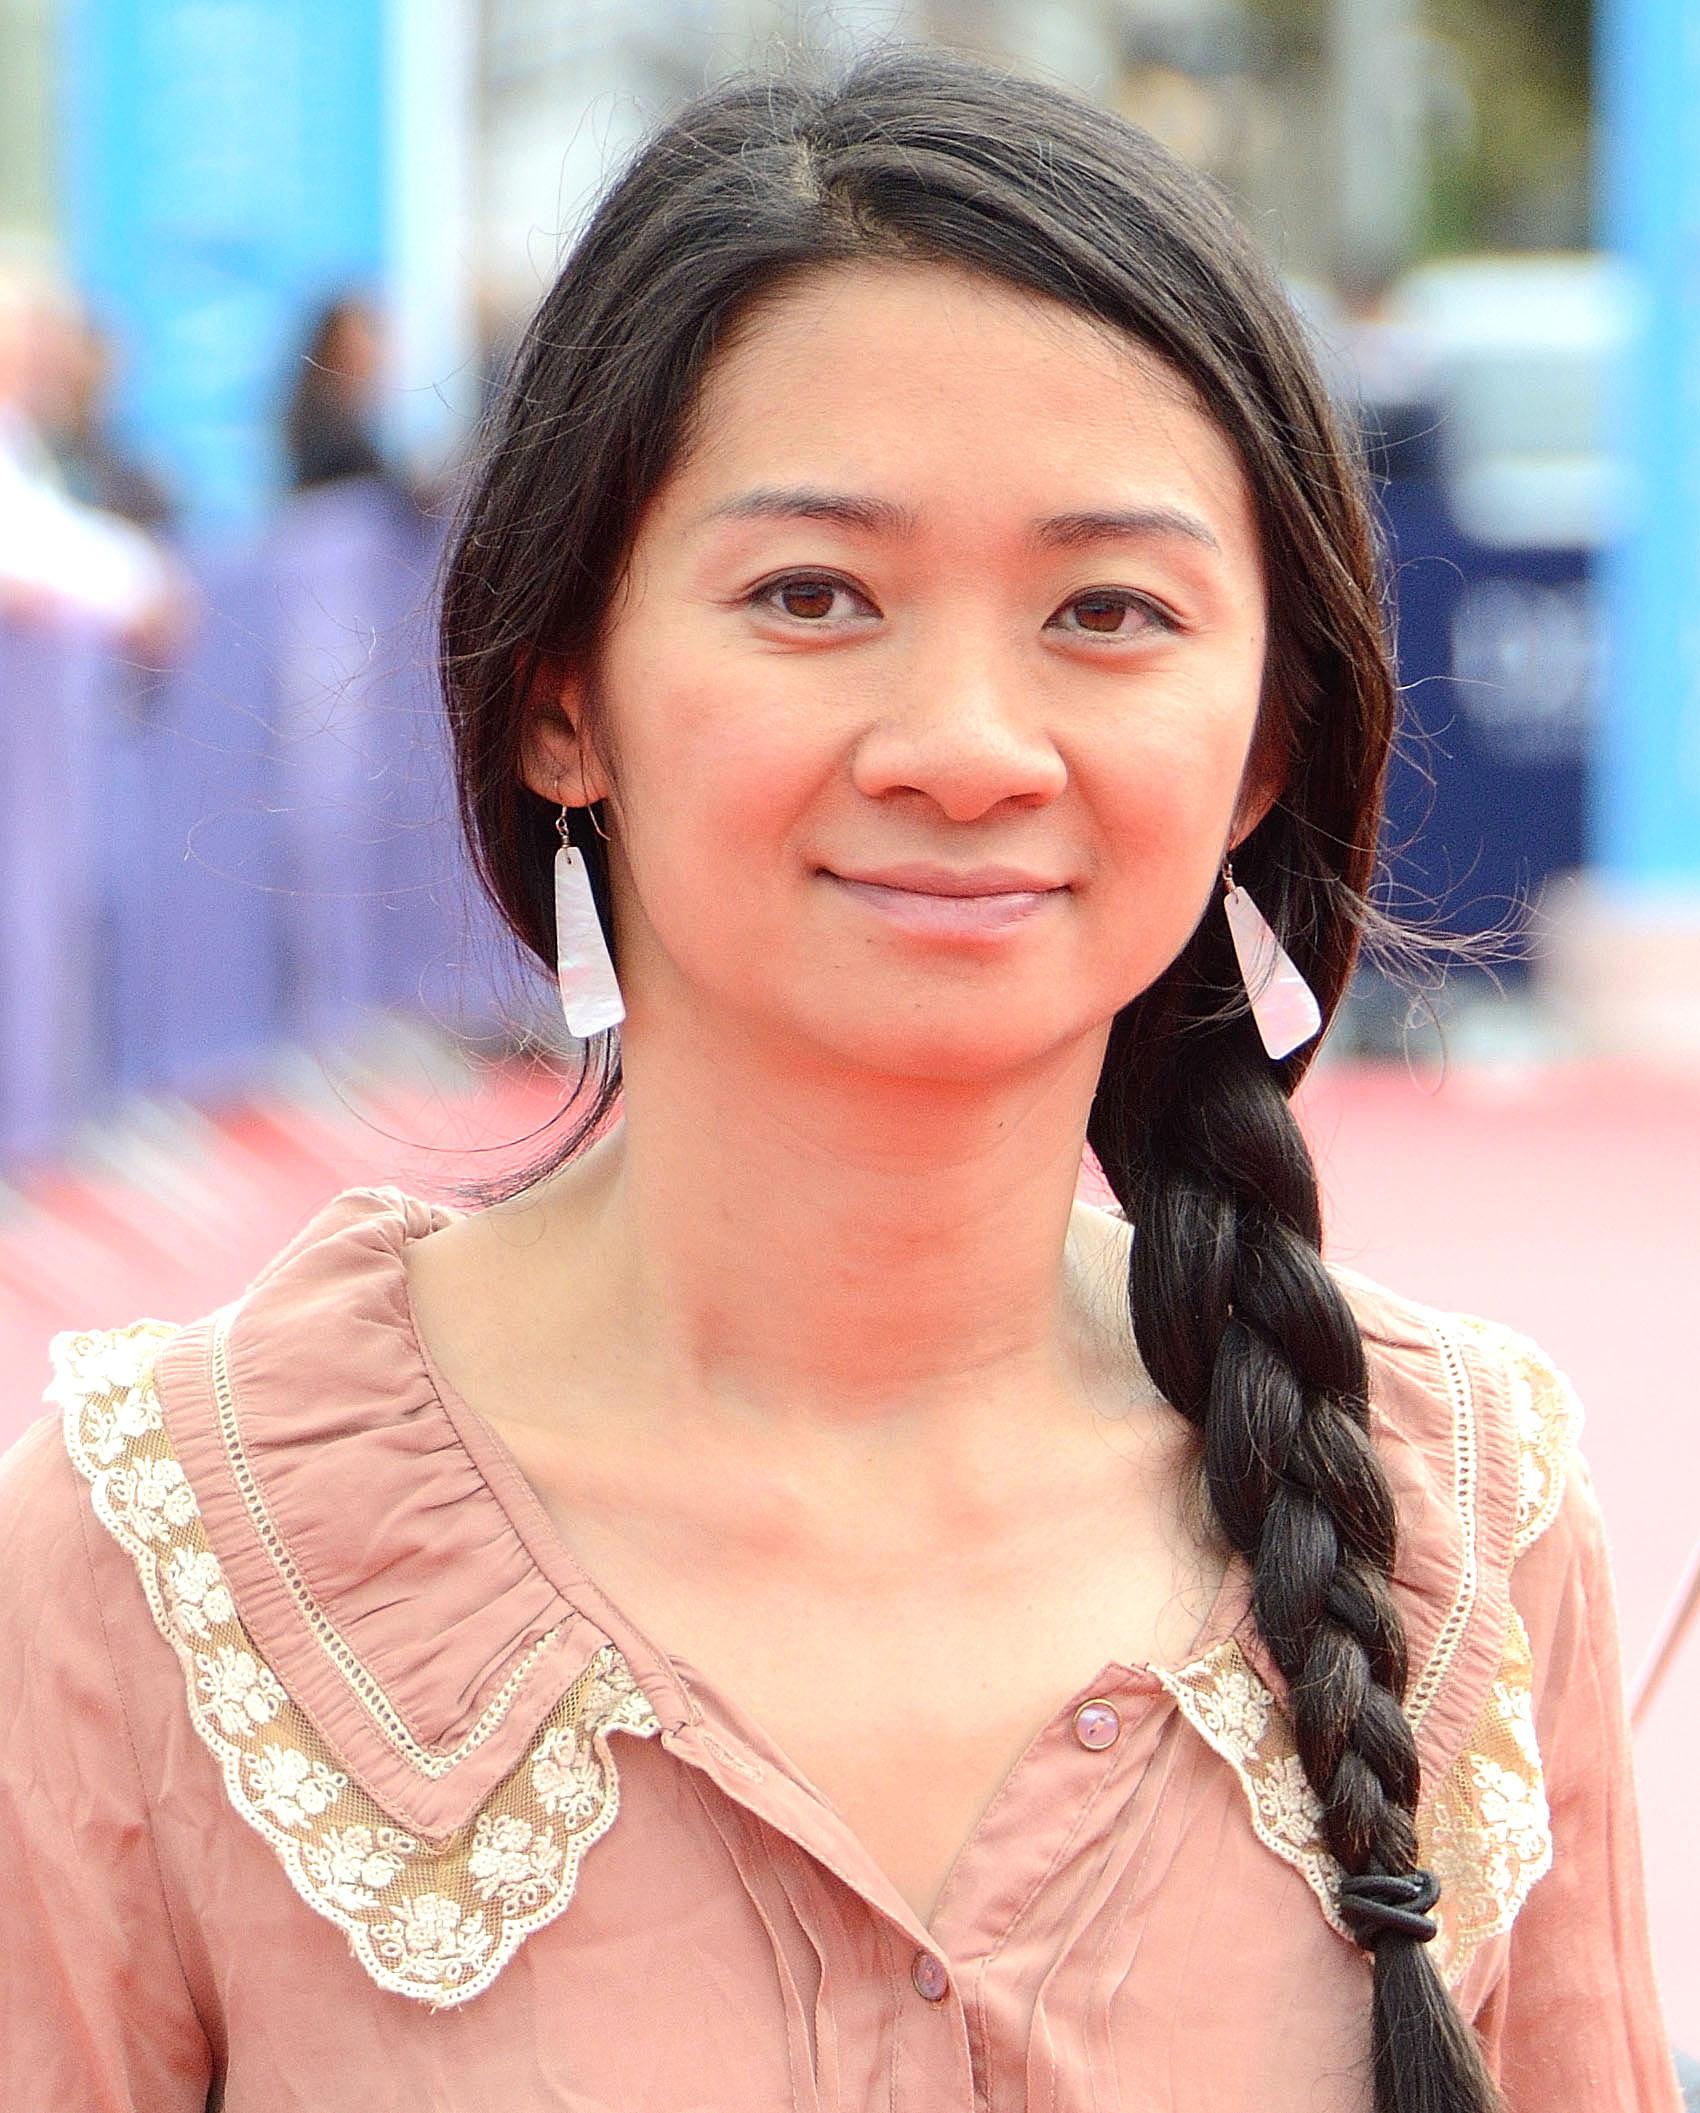 776b35ba628 Chloé Zhao - Wikipedia